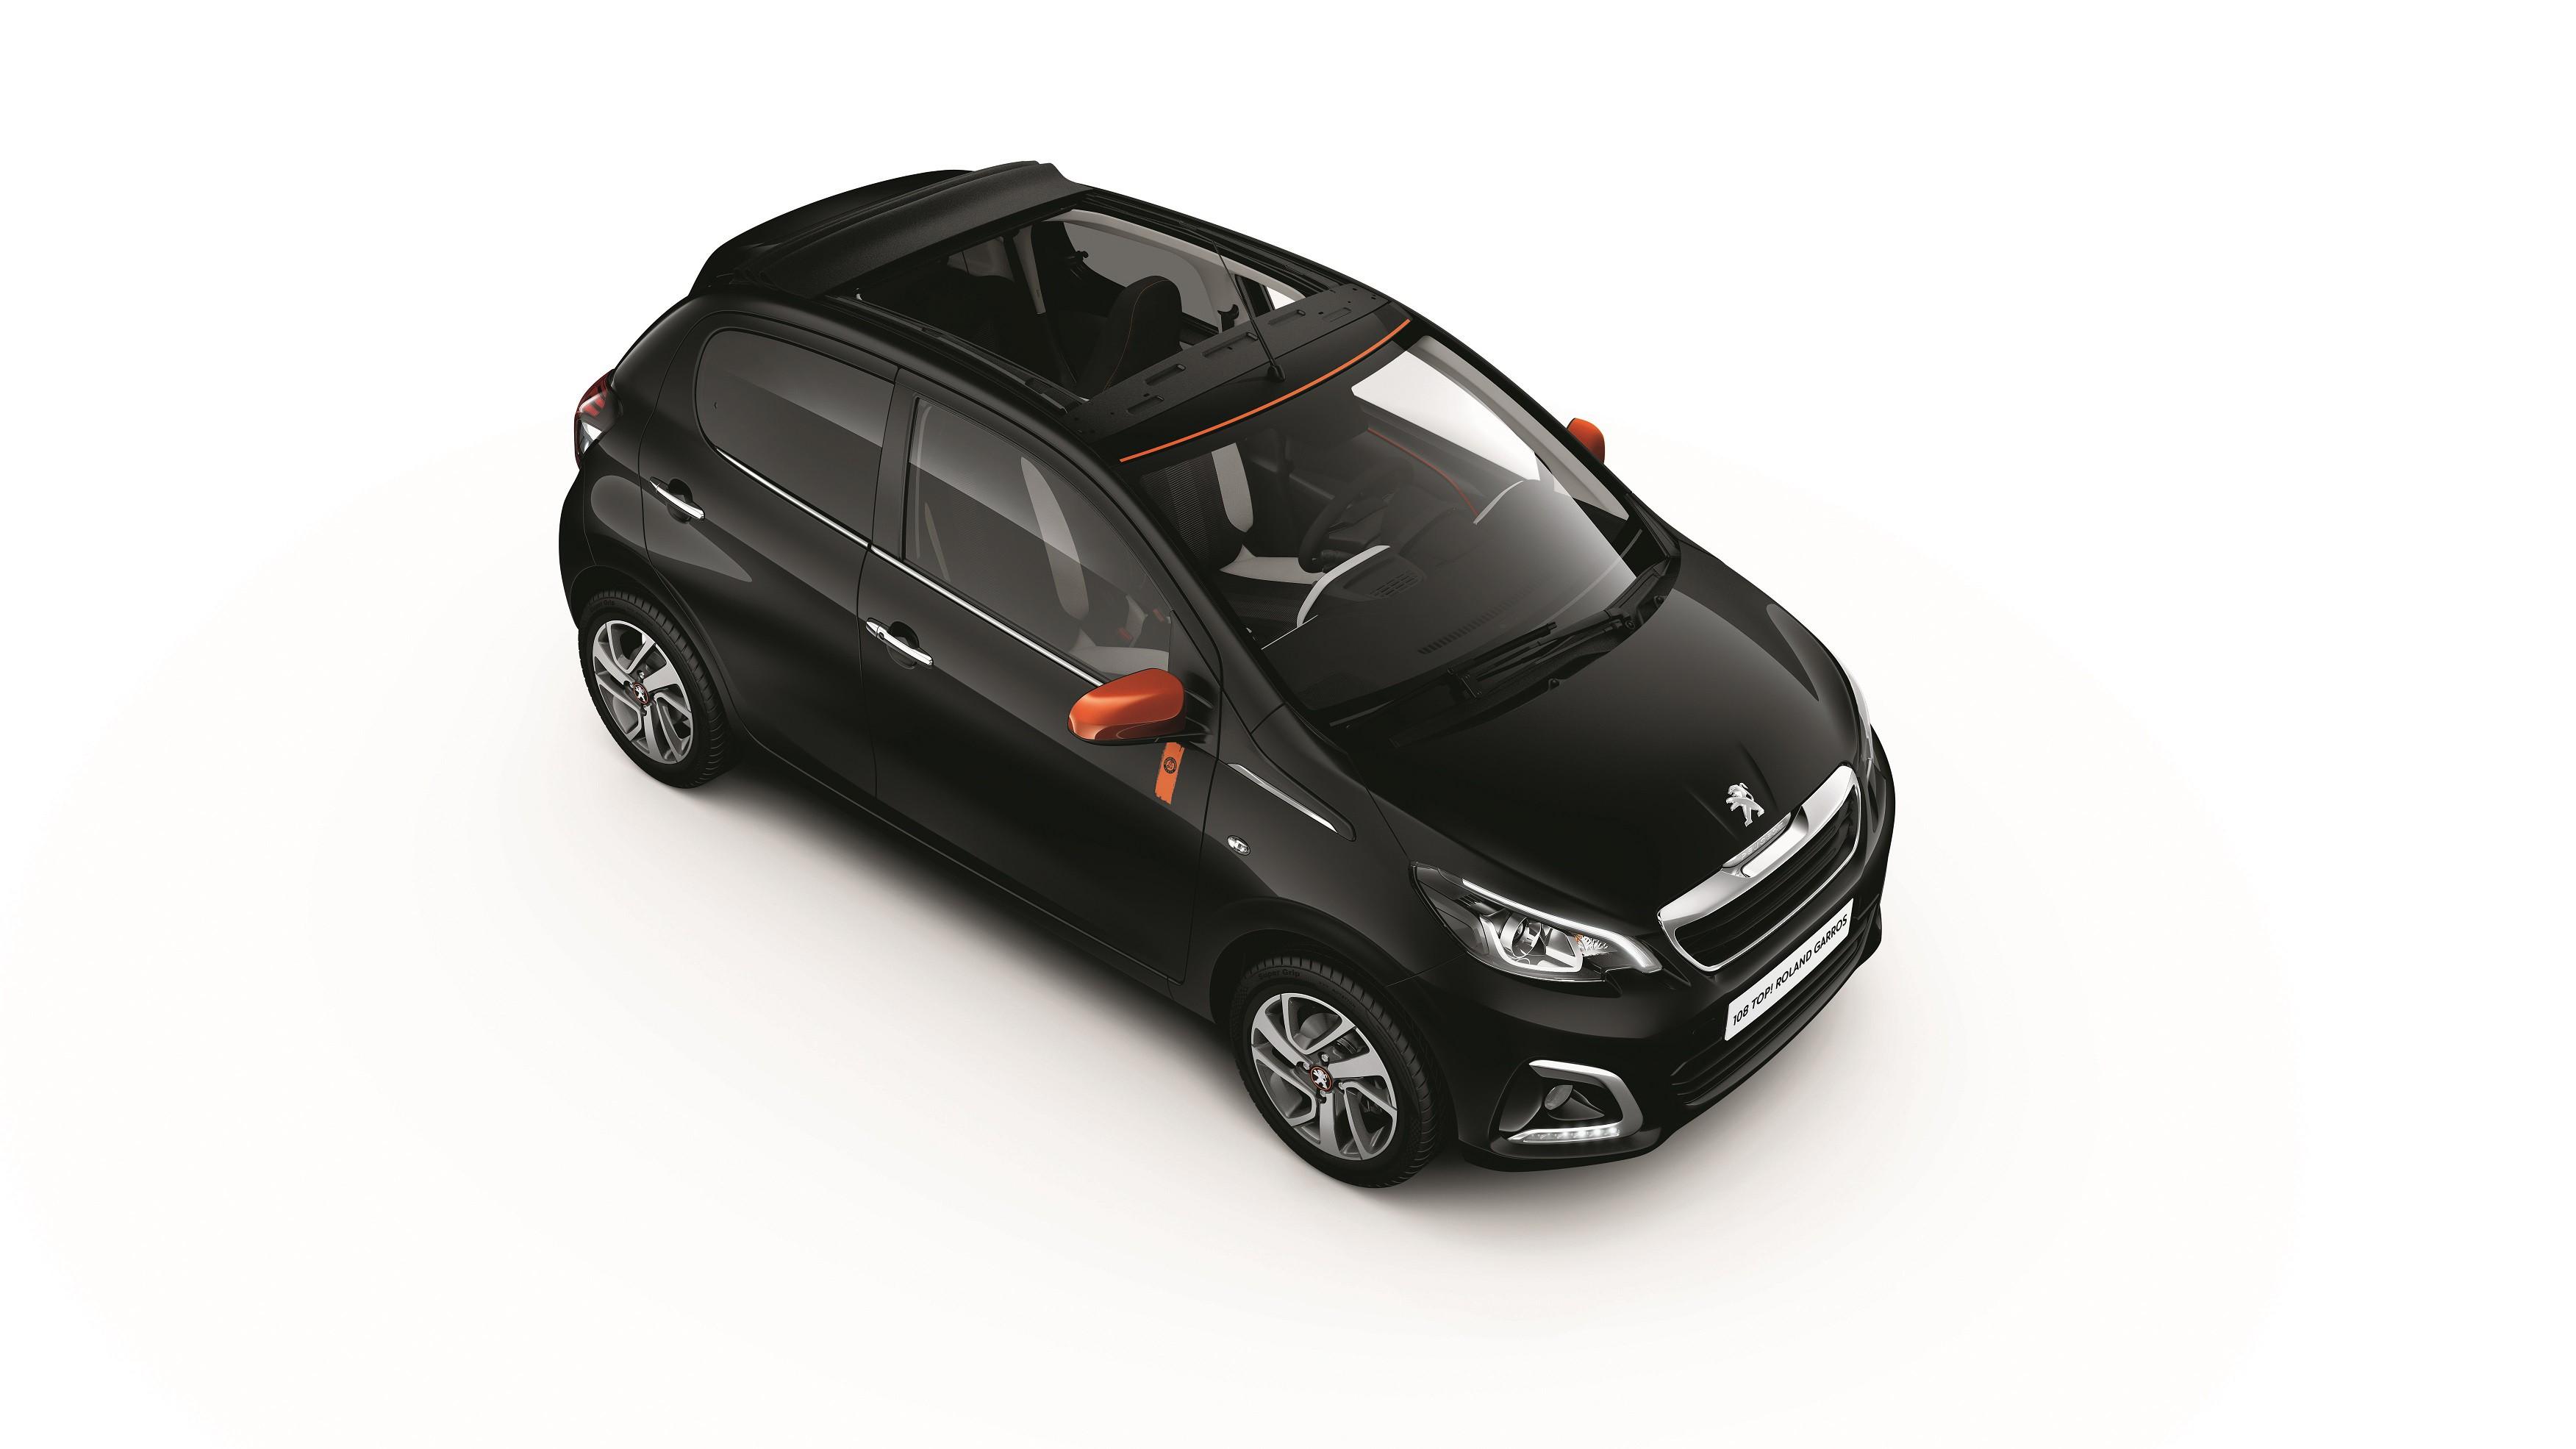 El Peugeot 108 Roland Garros también sale a la venta en España